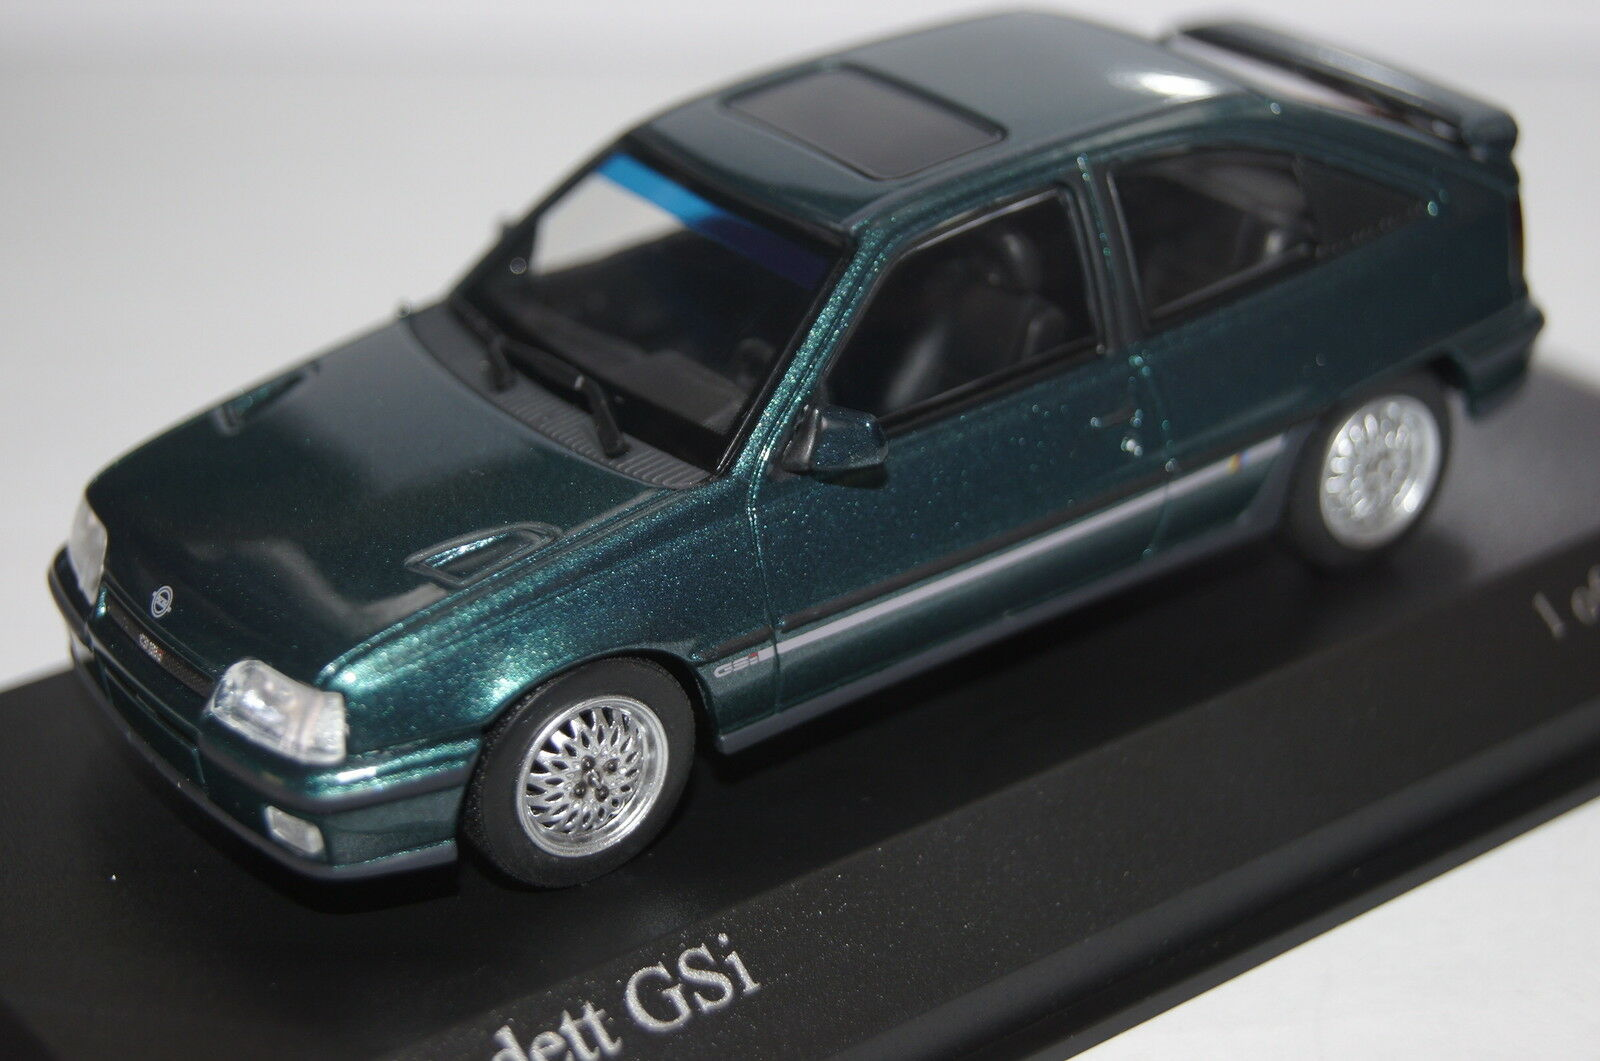 conveniente Opel Kadett Kadett Kadett E GSI 1989 Admiral metalizado 1 43 Minichamps nuevo & OVP  Ahorre 60% de descuento y envío rápido a todo el mundo.